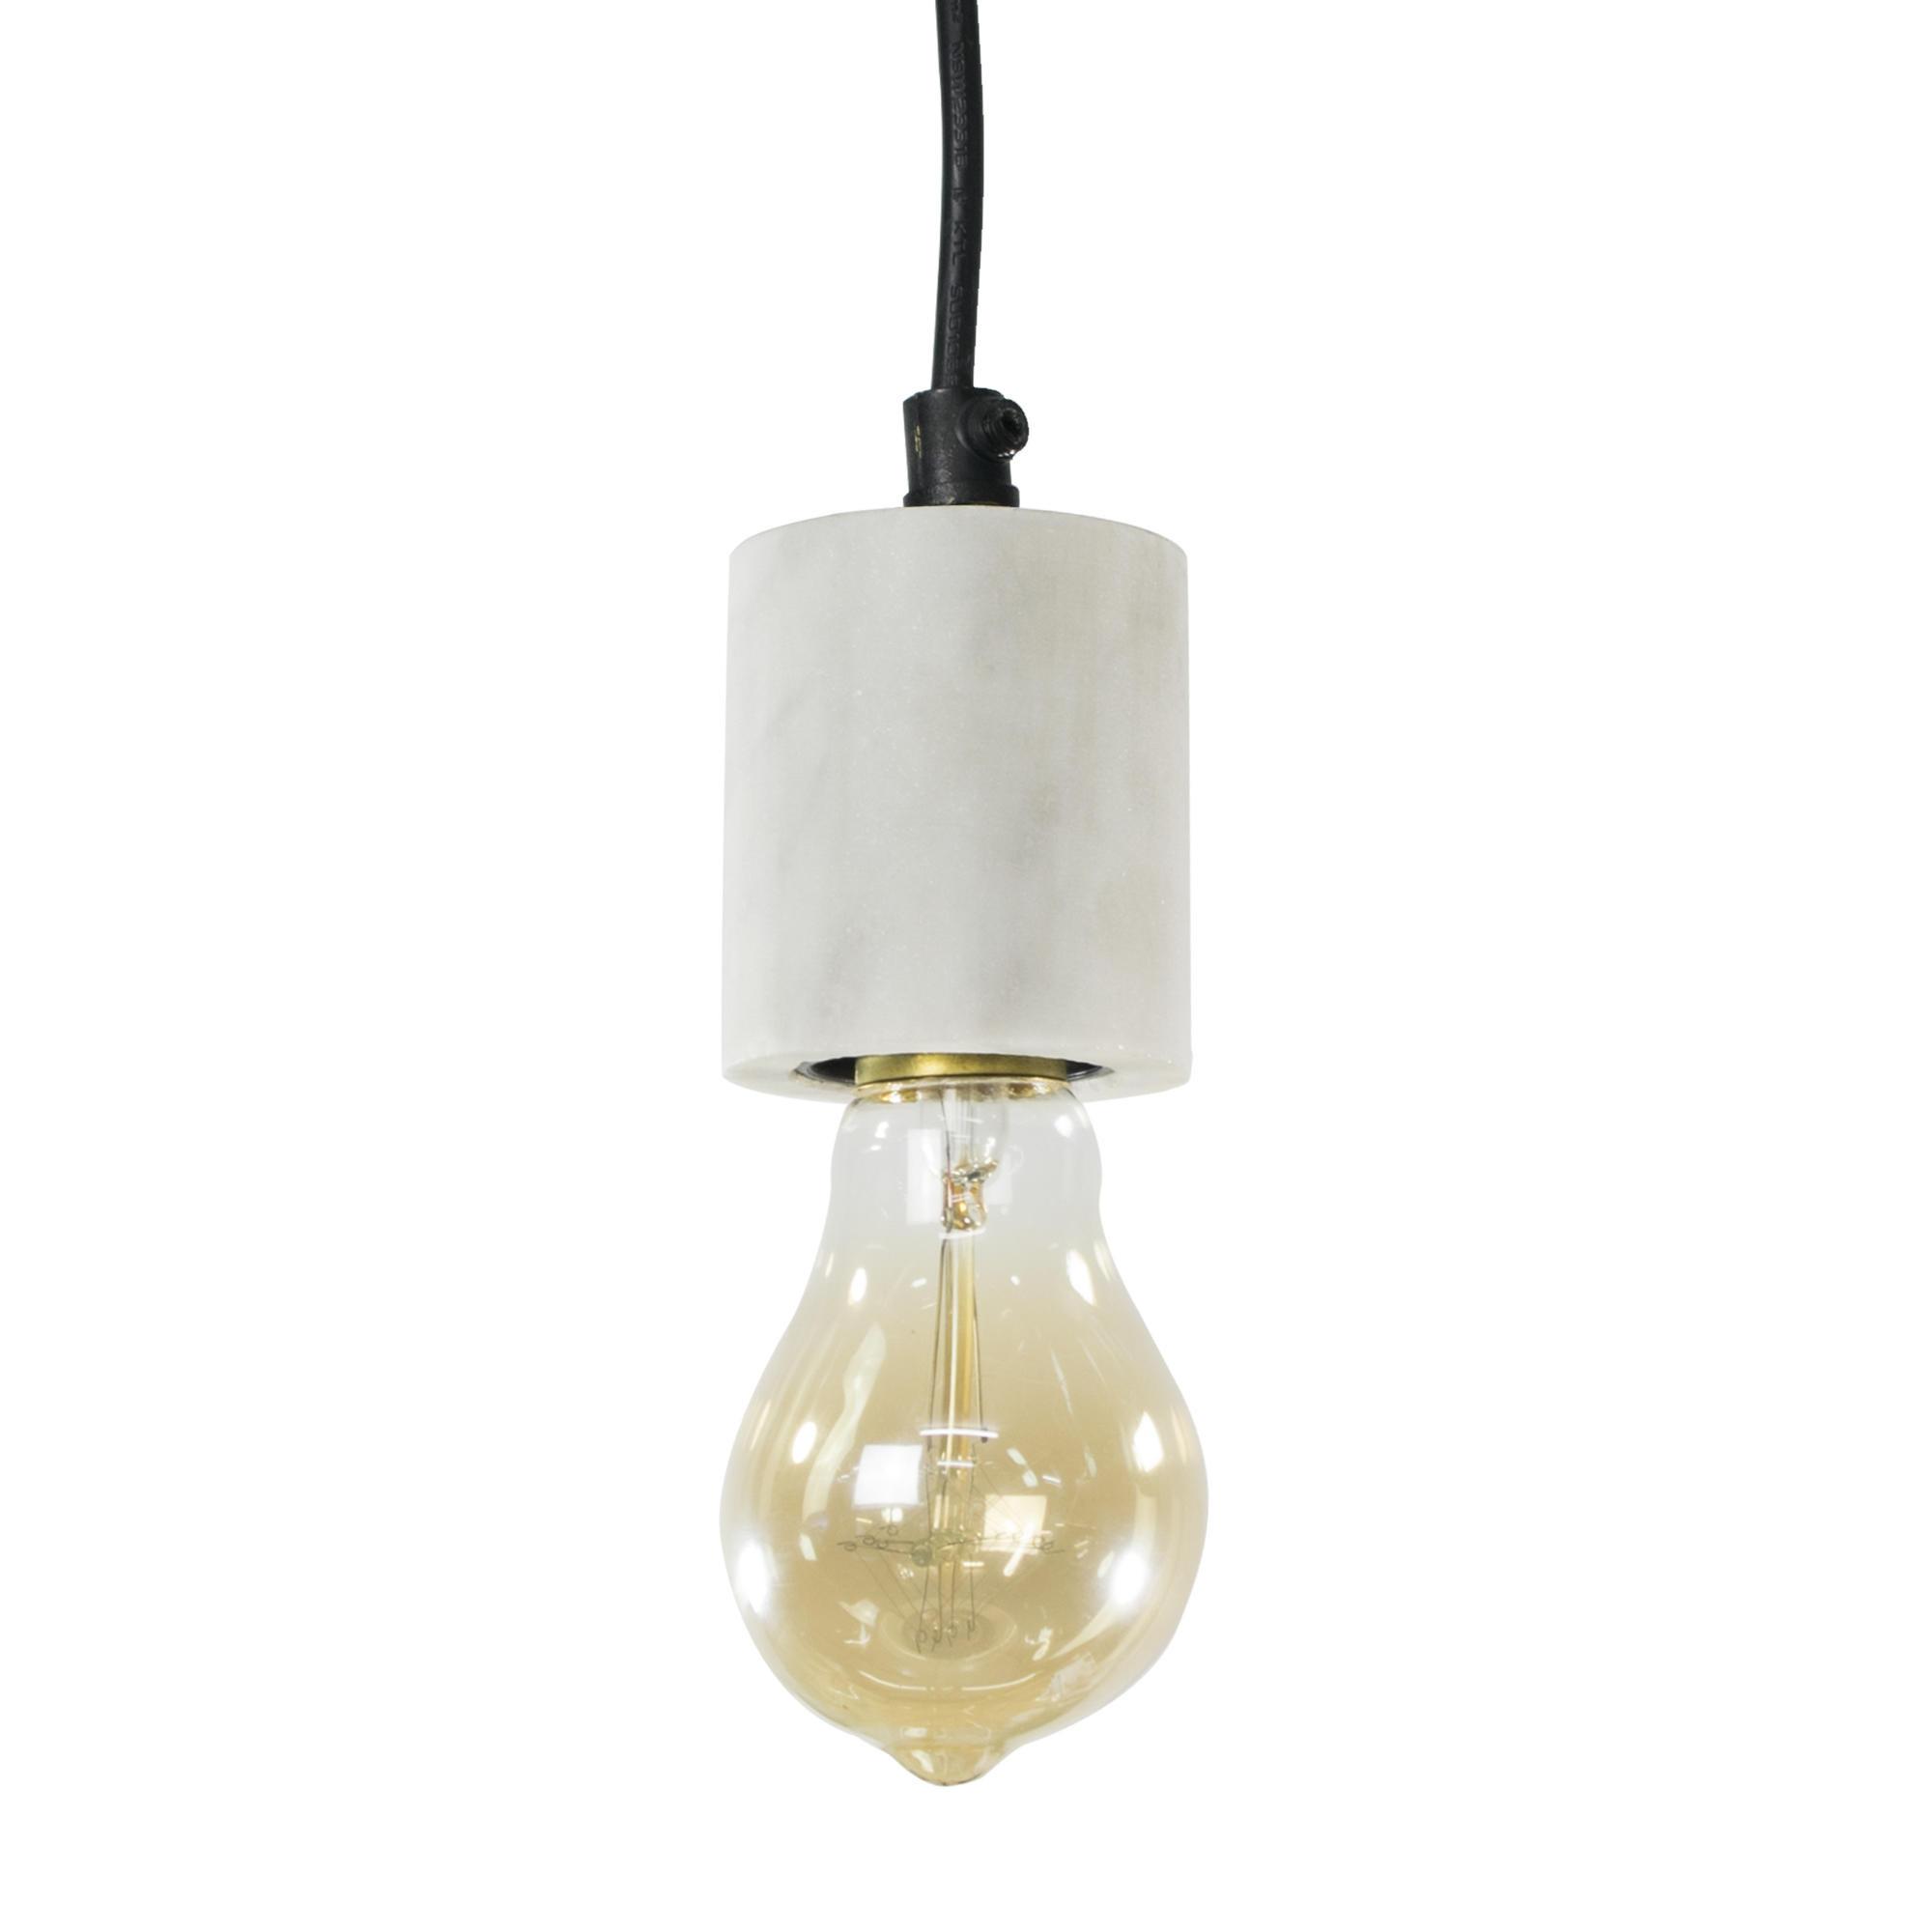 Hanging Lamp Pendant   White